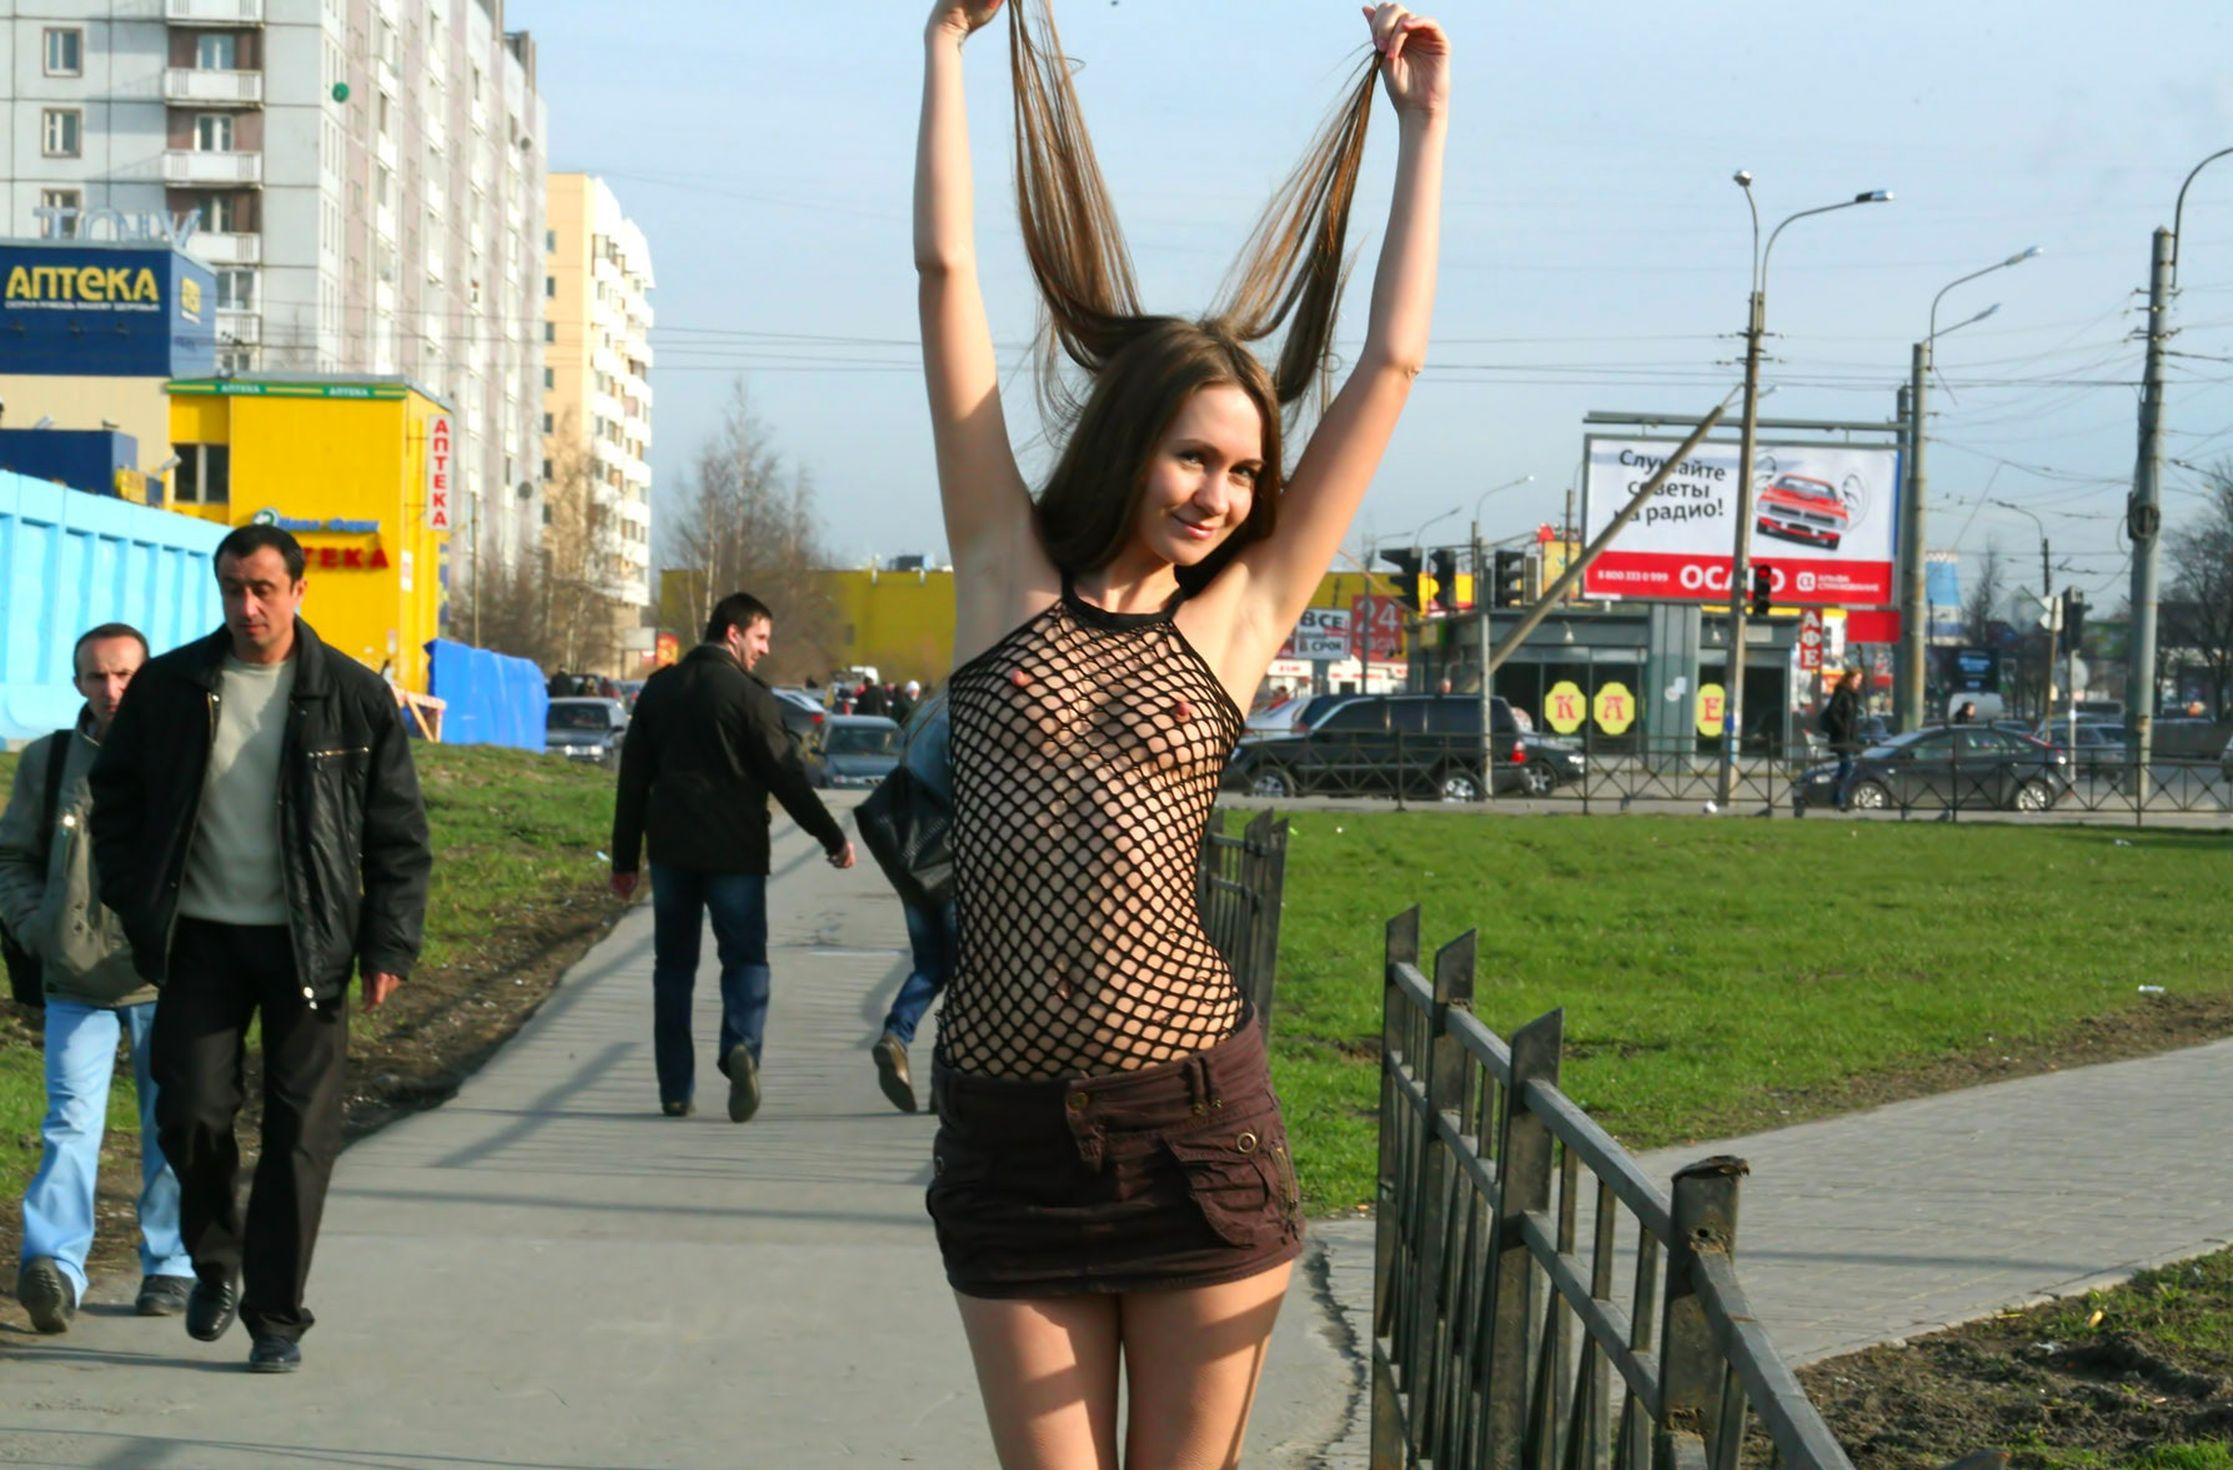 Гулять по улице в прозрачном платье — pic 9